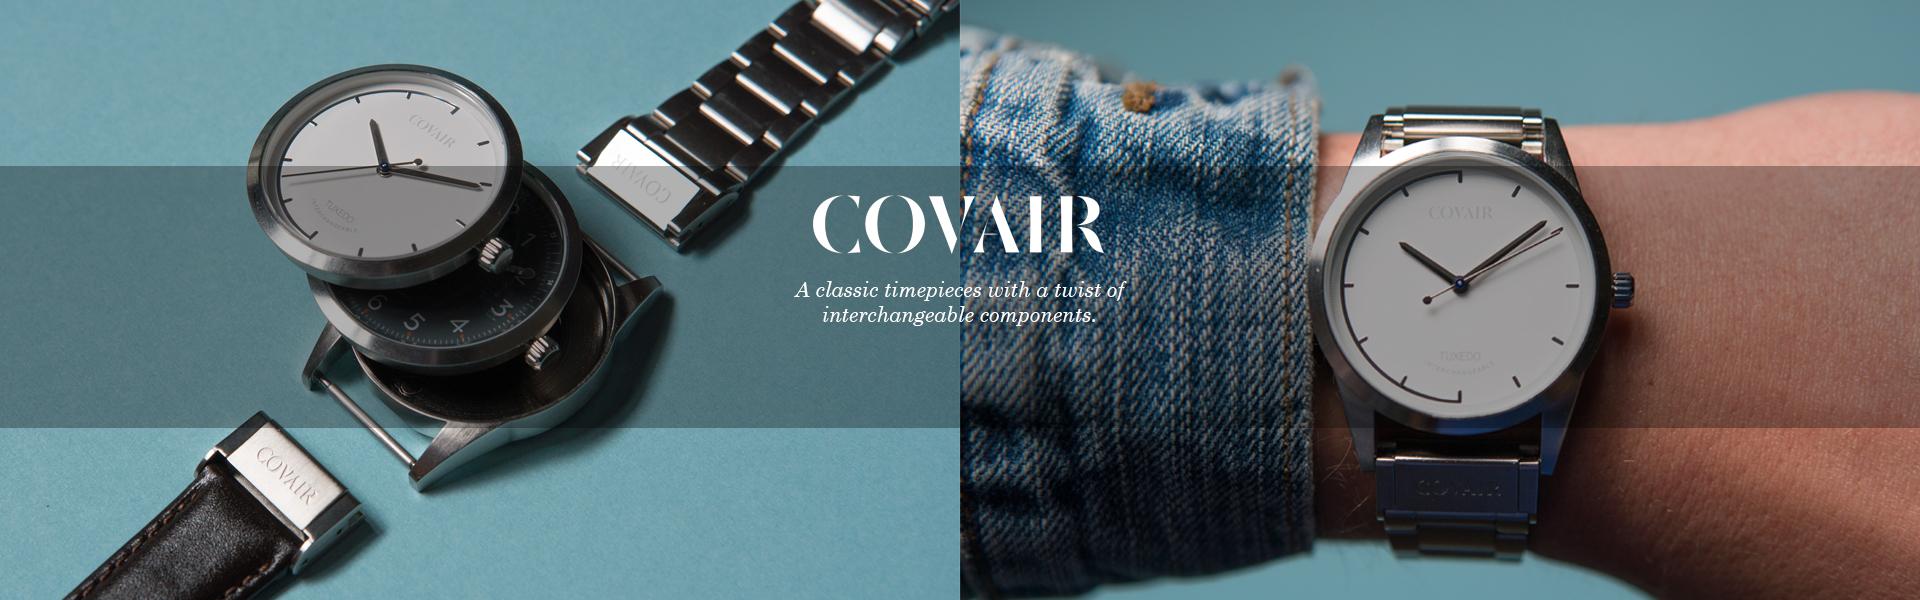 1920-x-600-Covair-Watch-Revolution-Slider1